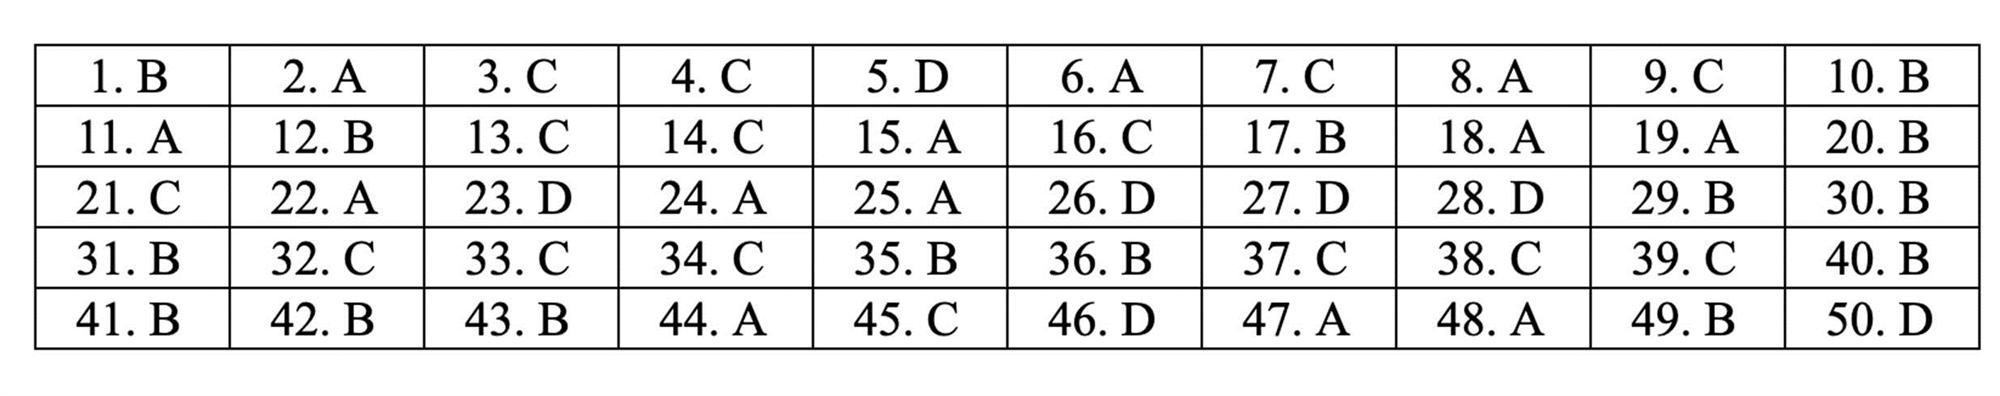 Đáp án tham khảo môn Toán thi THPT quốc gia 2019 tất cả mã đề-1